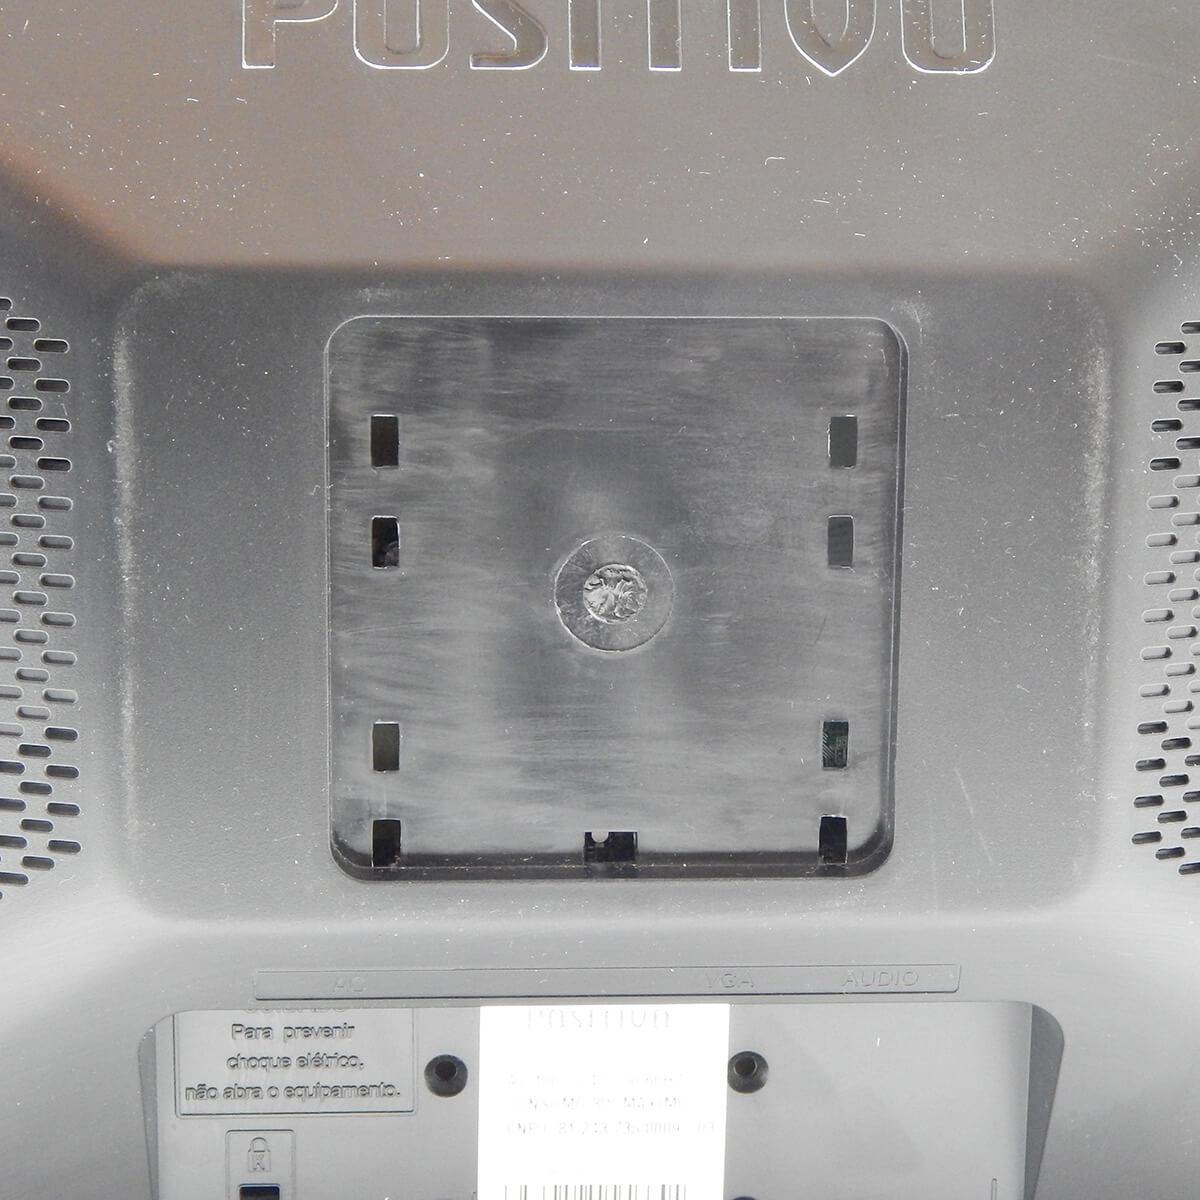 """Monitor Led 15,6"""" Positivo c/ Áudio Integrado NOVO s/ Embalagem c/ Peq. Detalhes"""